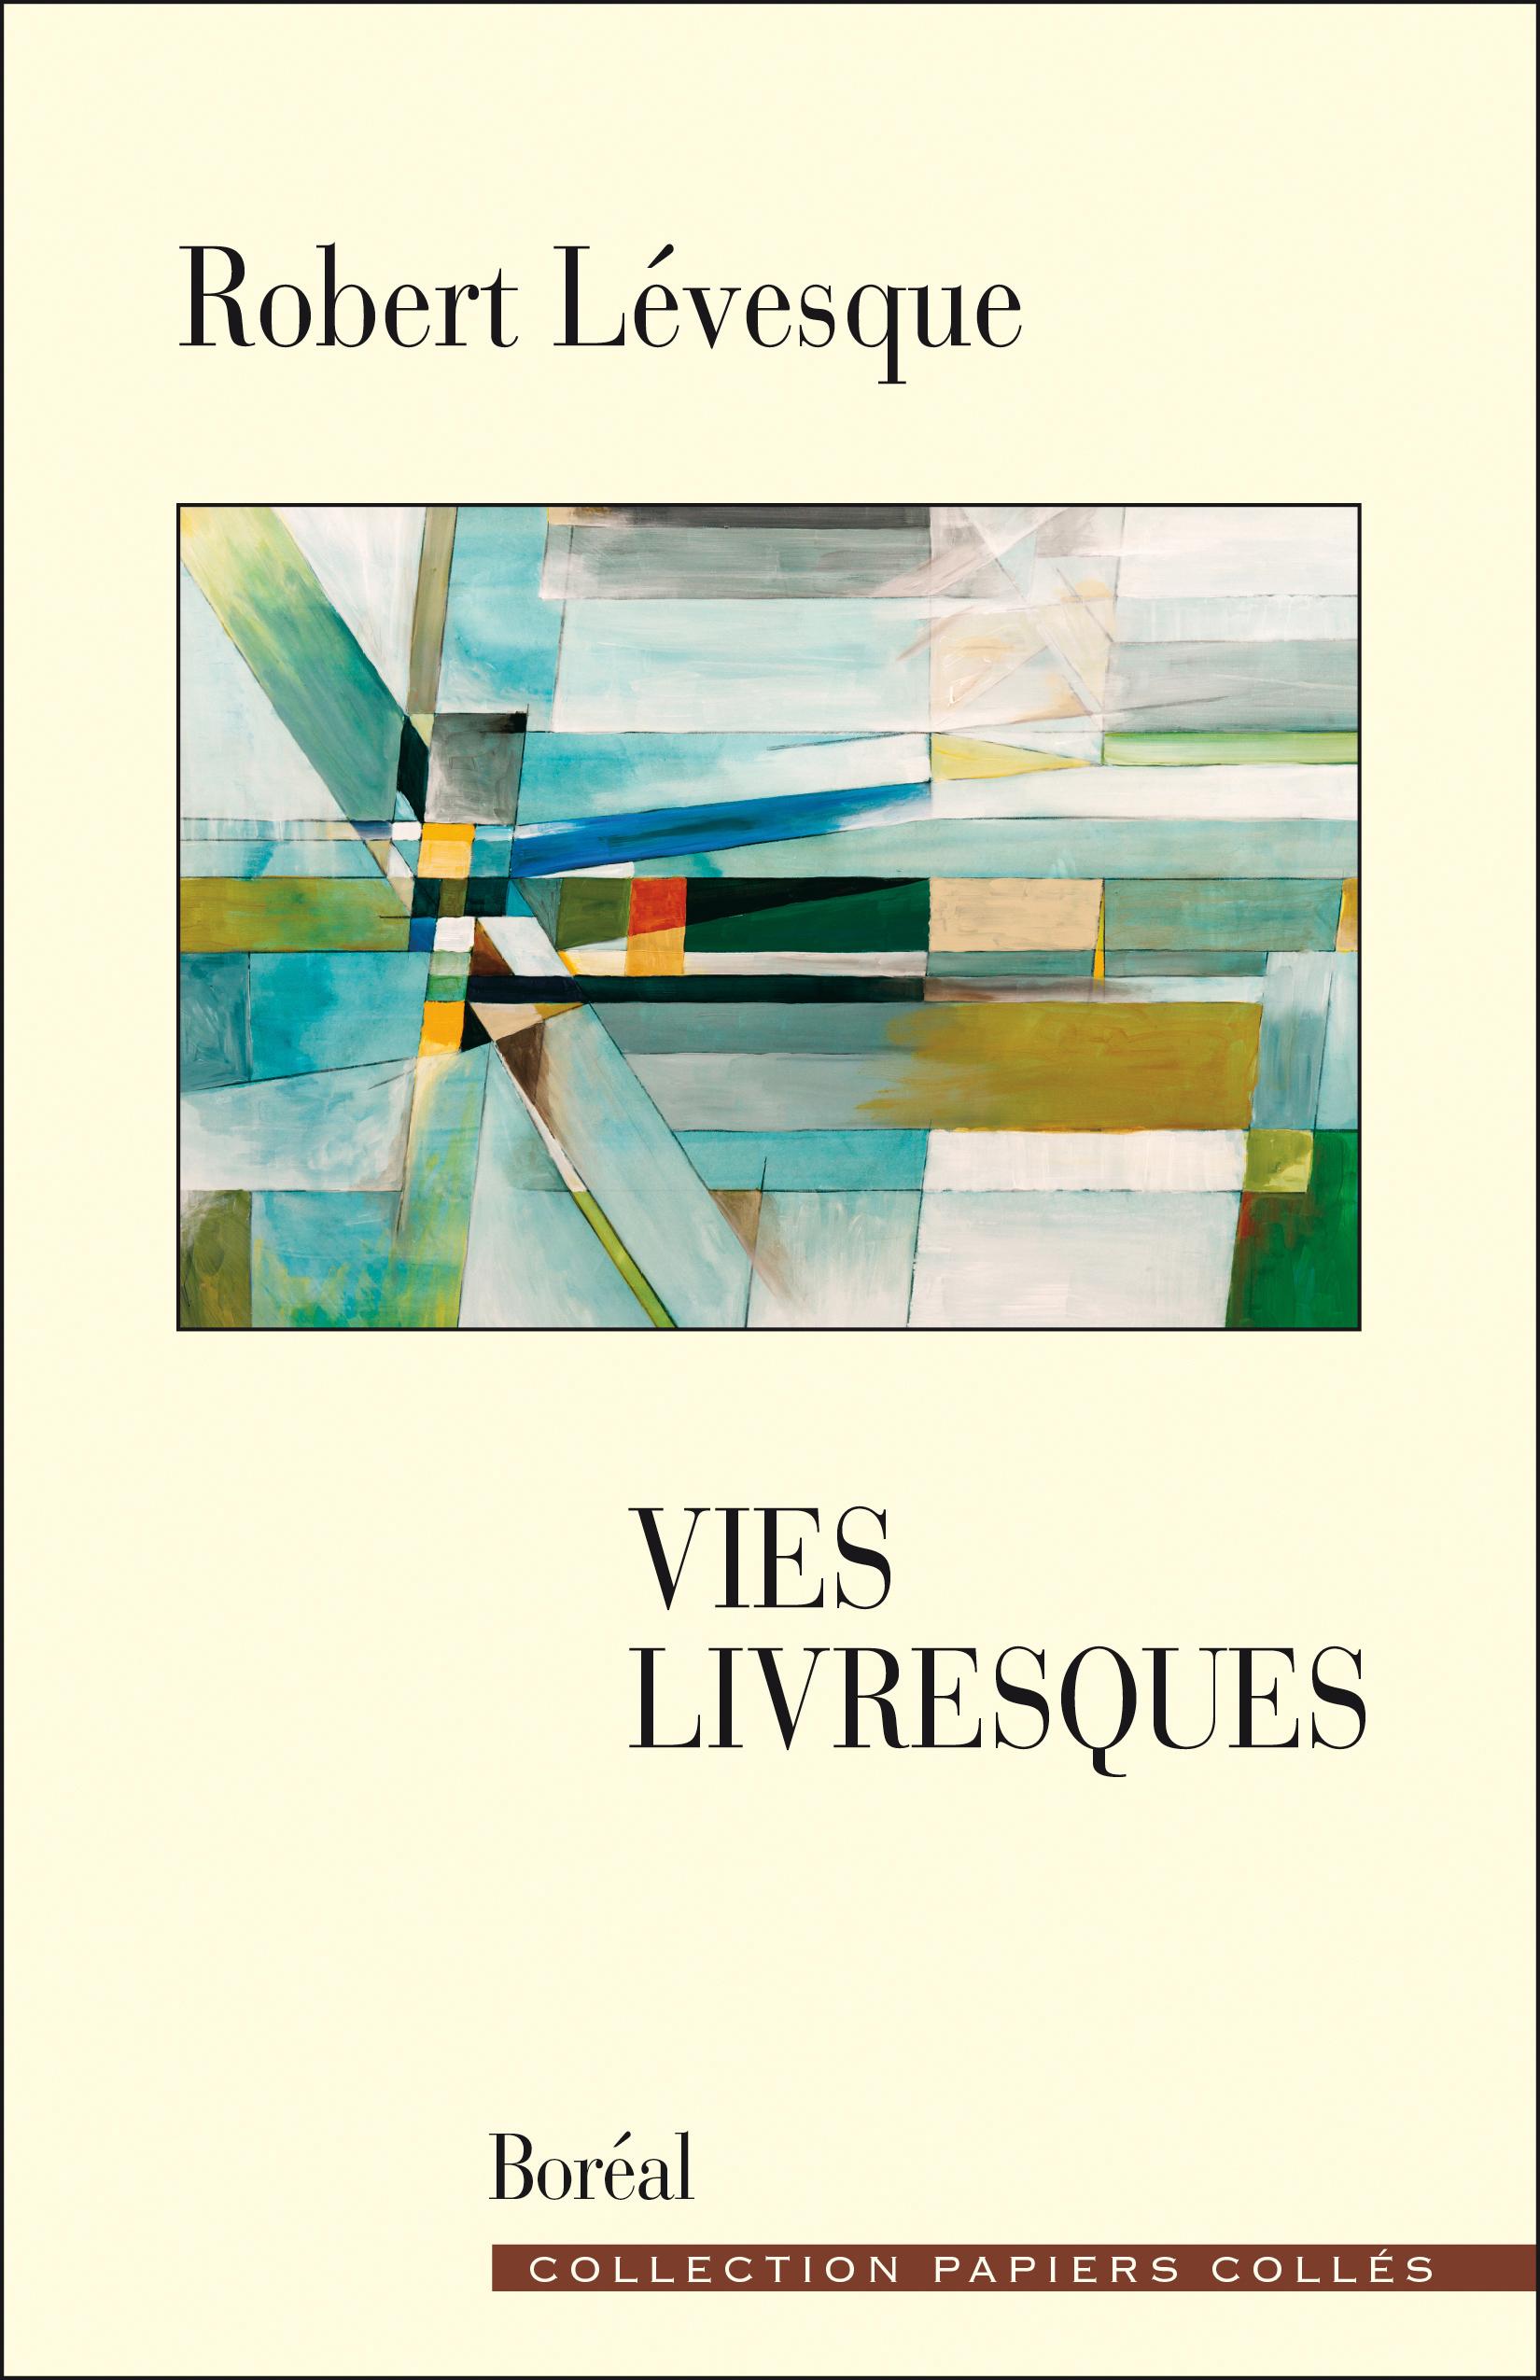 Couverture : Vies livresques Robert Lévesque